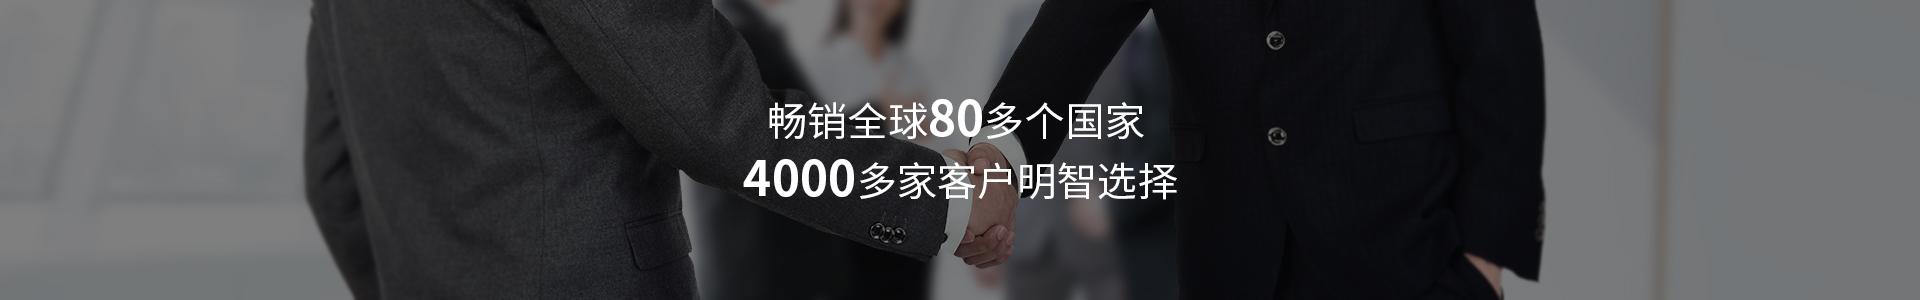 畅销全球80多ge国家 4000多家客户明智选择